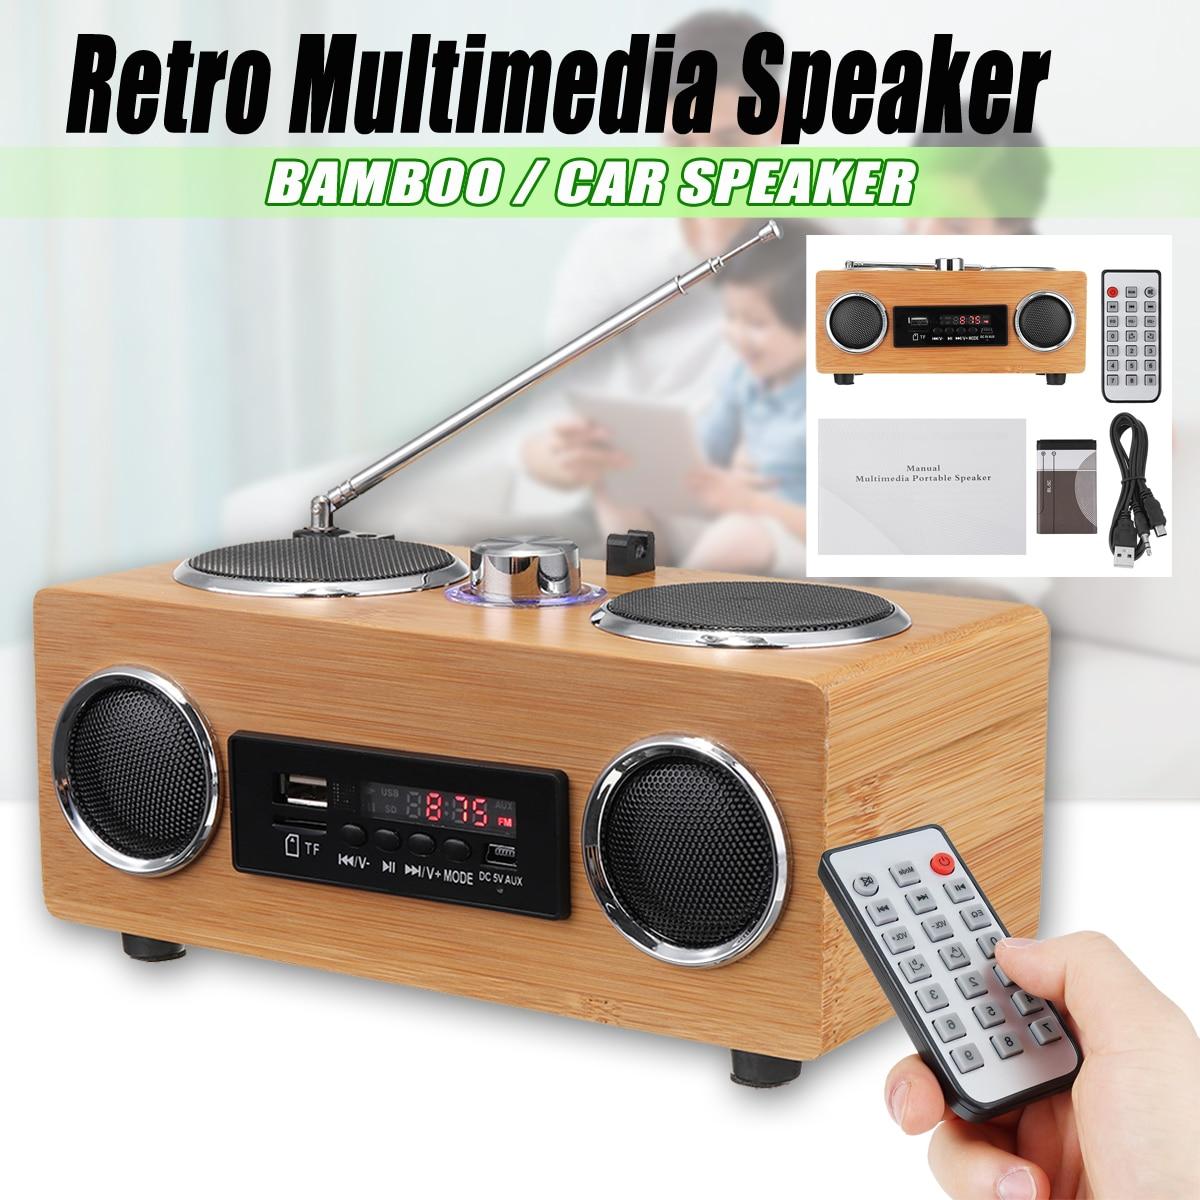 Ретро Винтаж радио Super Bass FM радио бамбук мультимедиа Динамик Классическая приемник USB с MP3 плеер дистанционного Управление